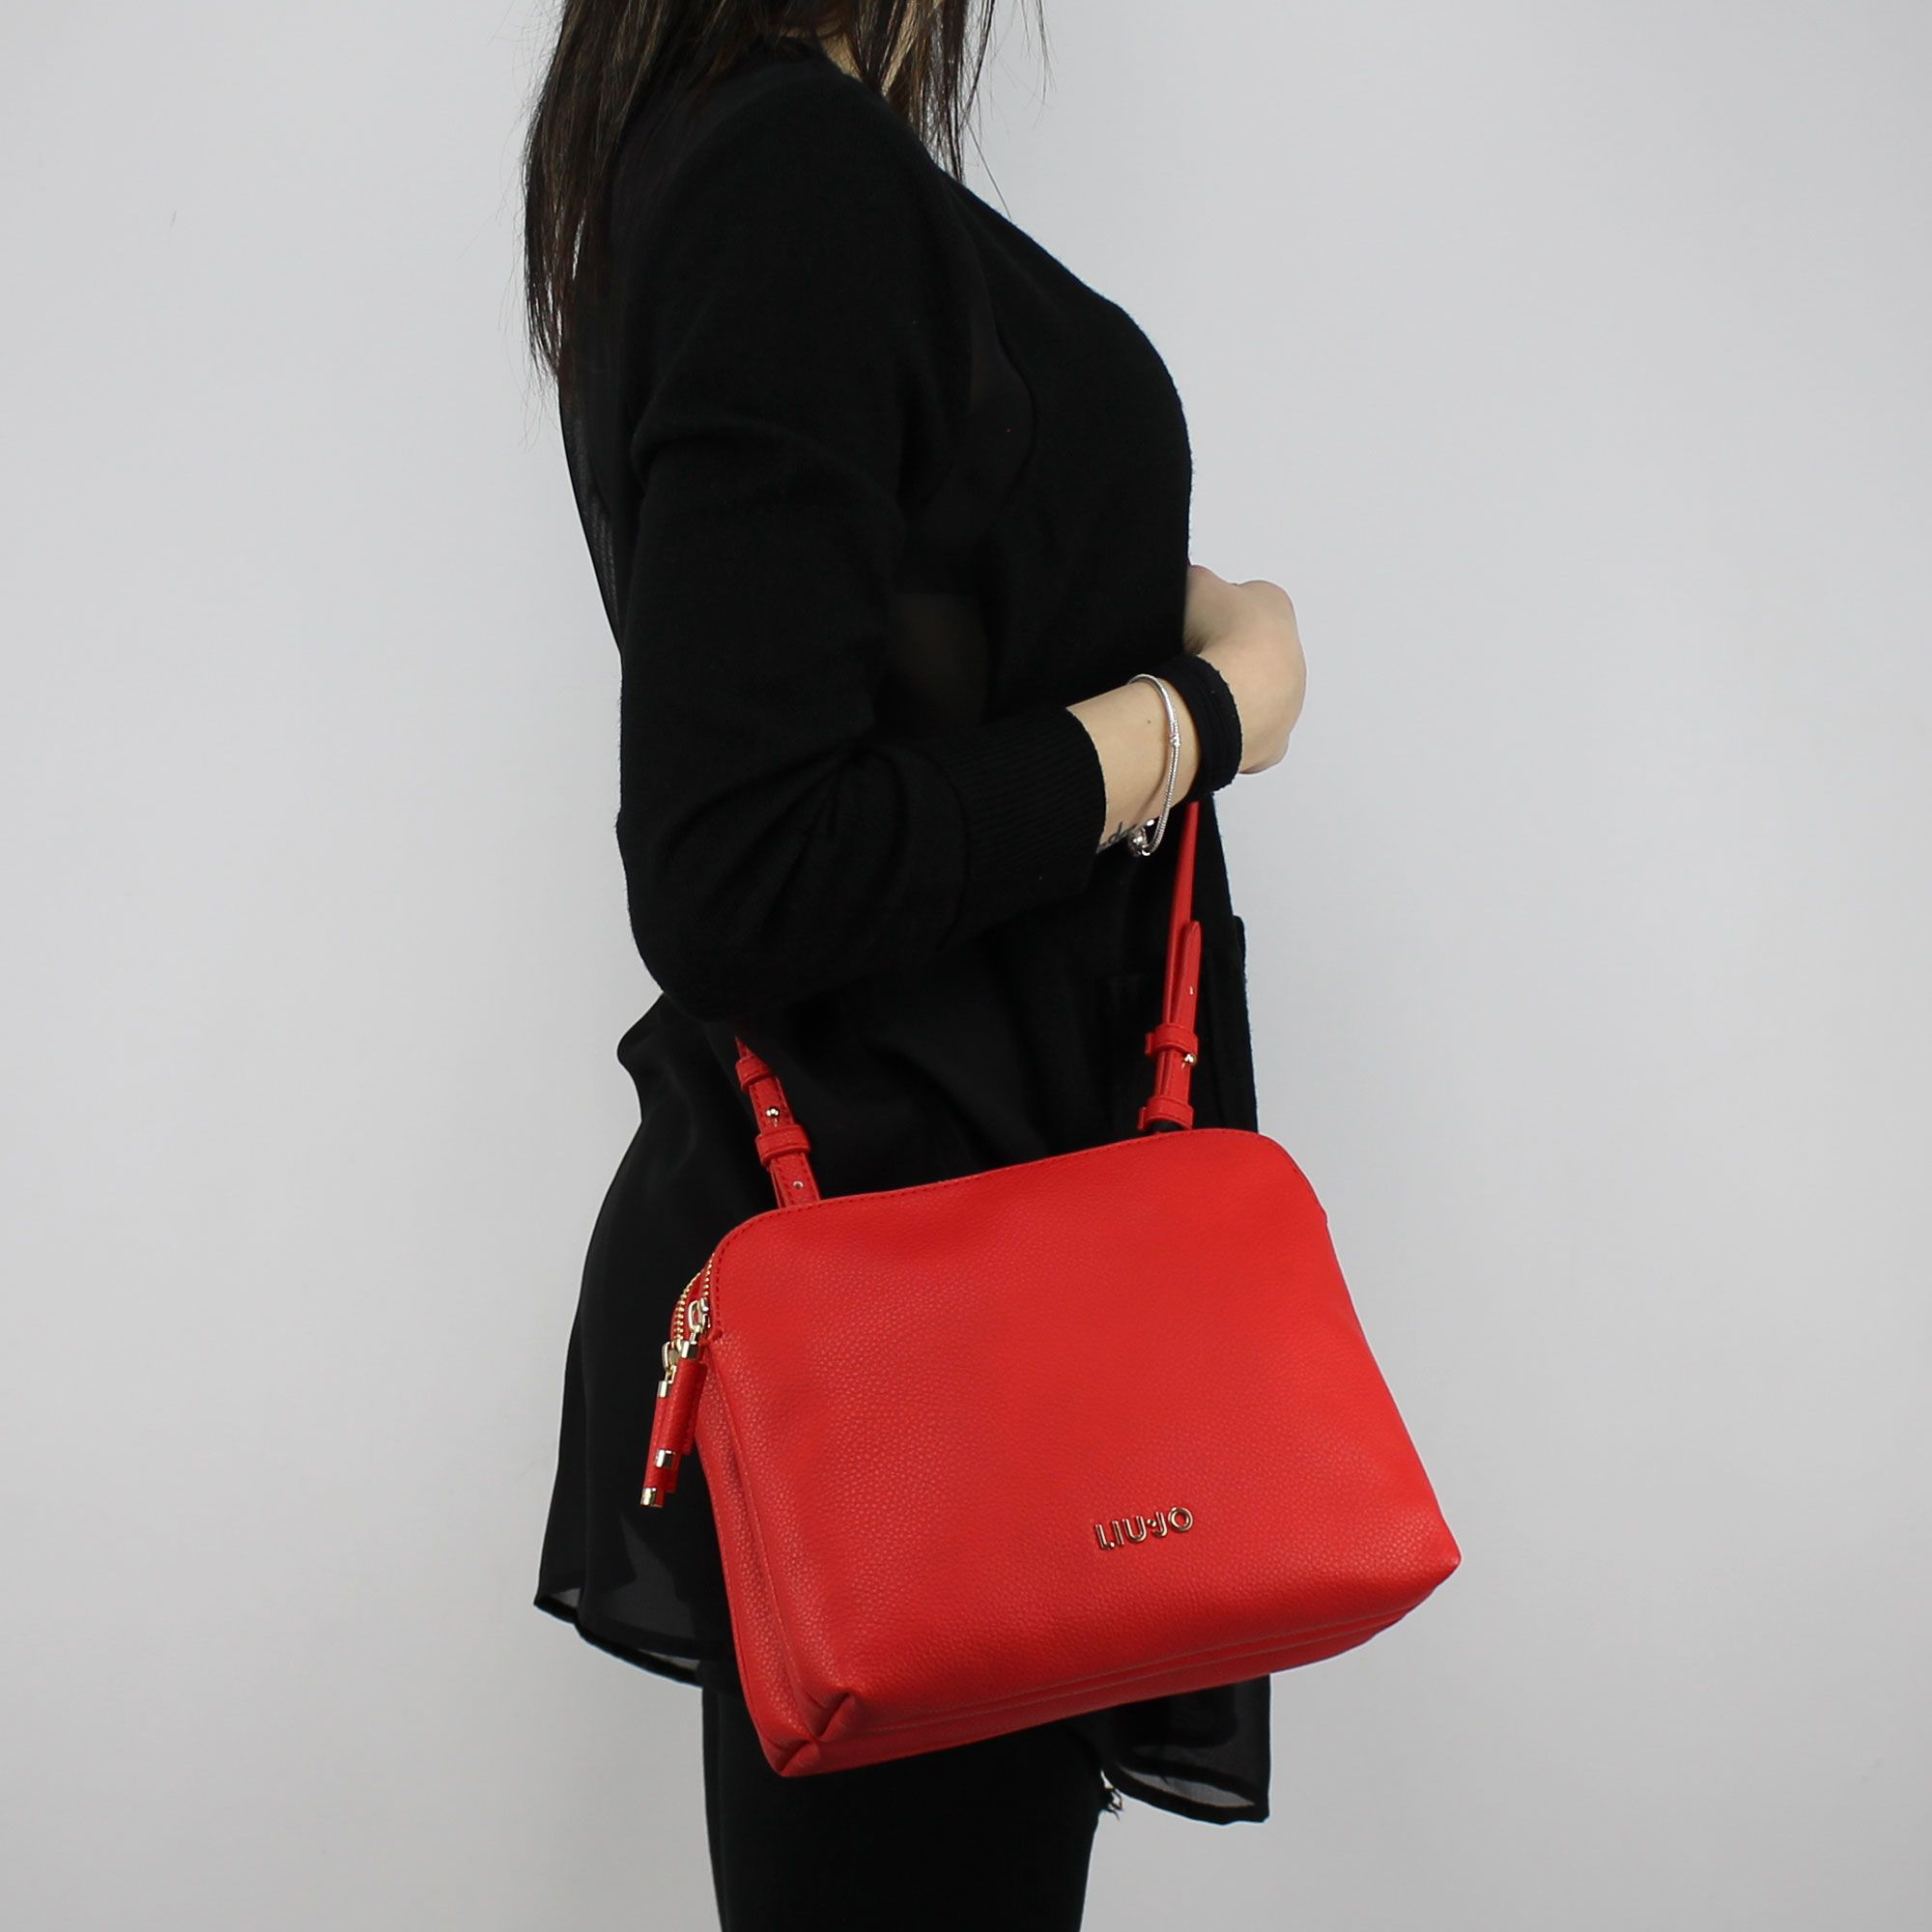 prezzo di fabbrica 126be 8ee63 Borsa Tracolla Liu Jo Beauty Doppia Zip rossa N18130 E0037